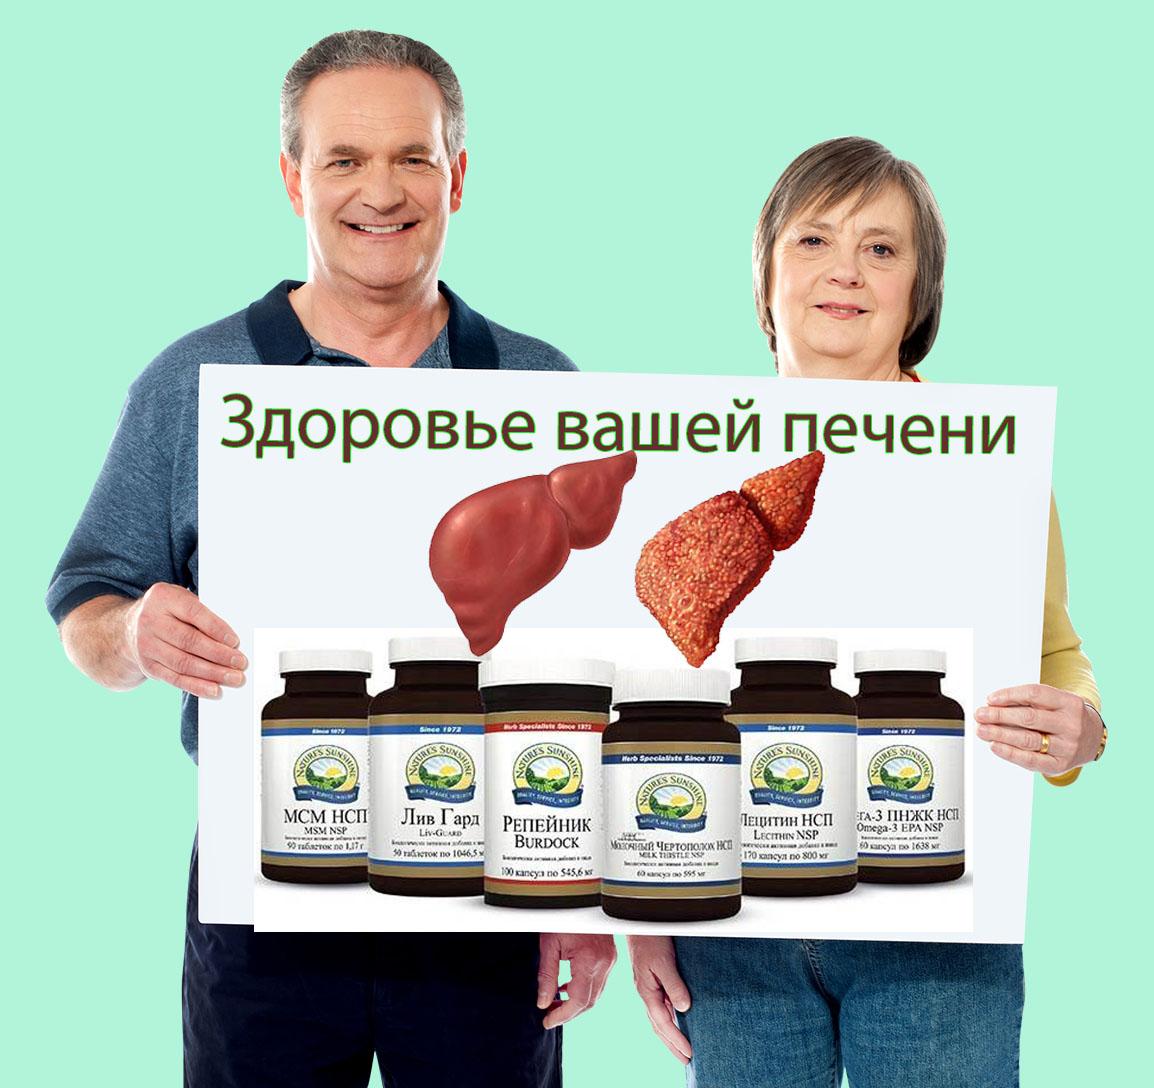 диффузные изменения печени, профилактика здоровья печени